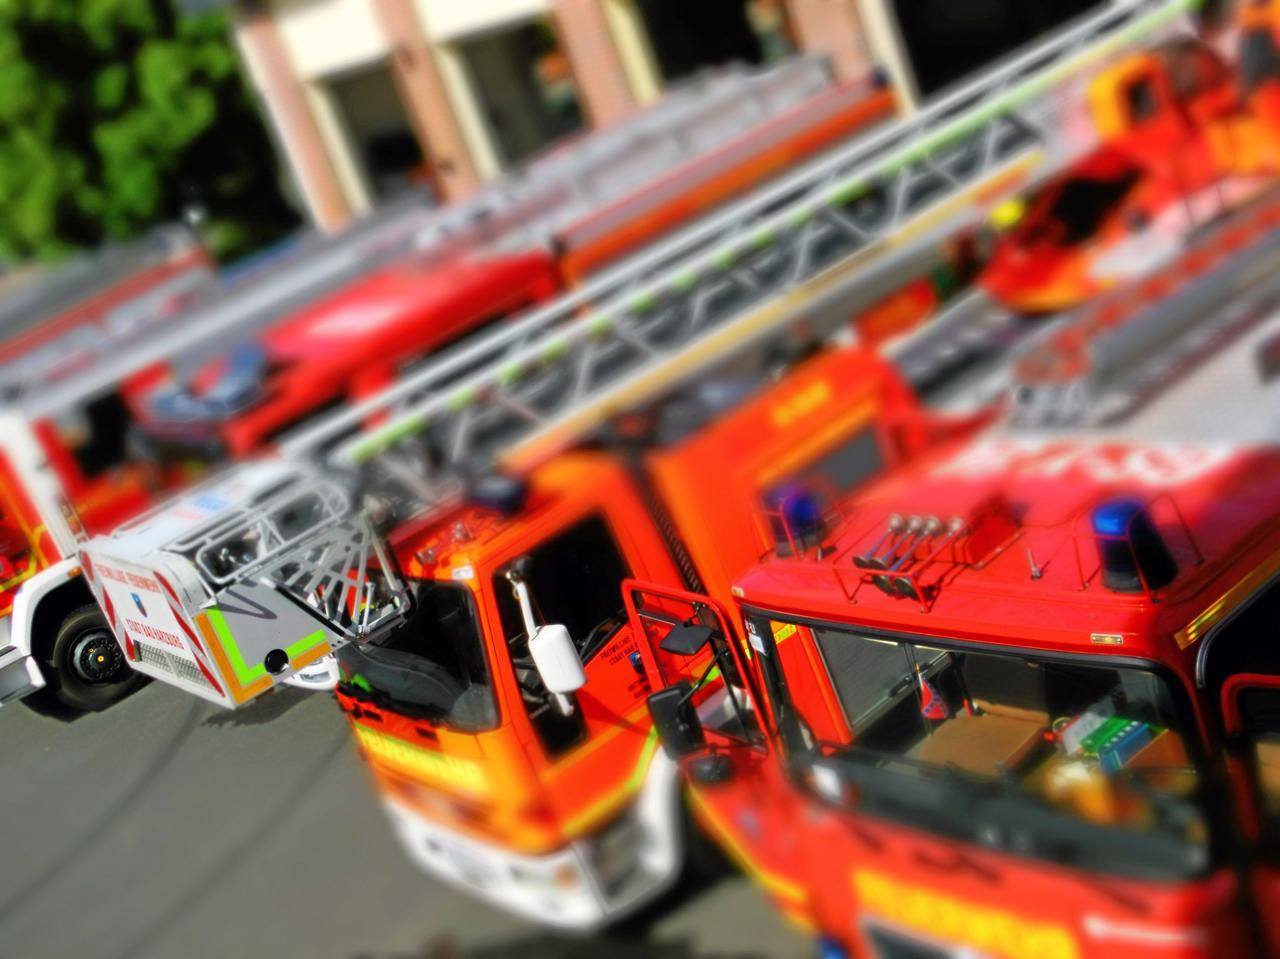 Feuerwehr kam mit Drehleiter zur Hilfe